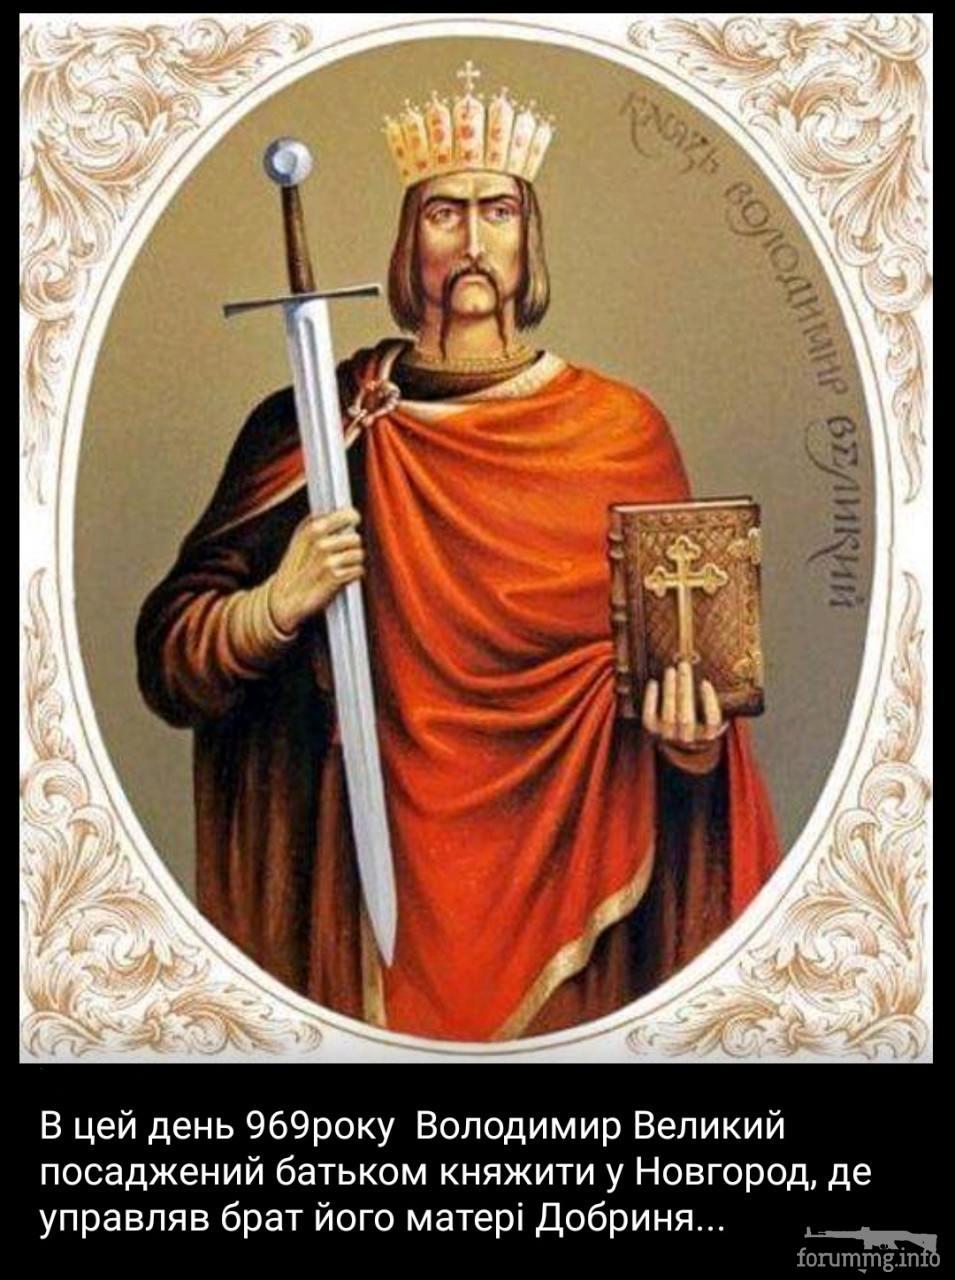 135713 - Украинцы и россияне,откуда ненависть.